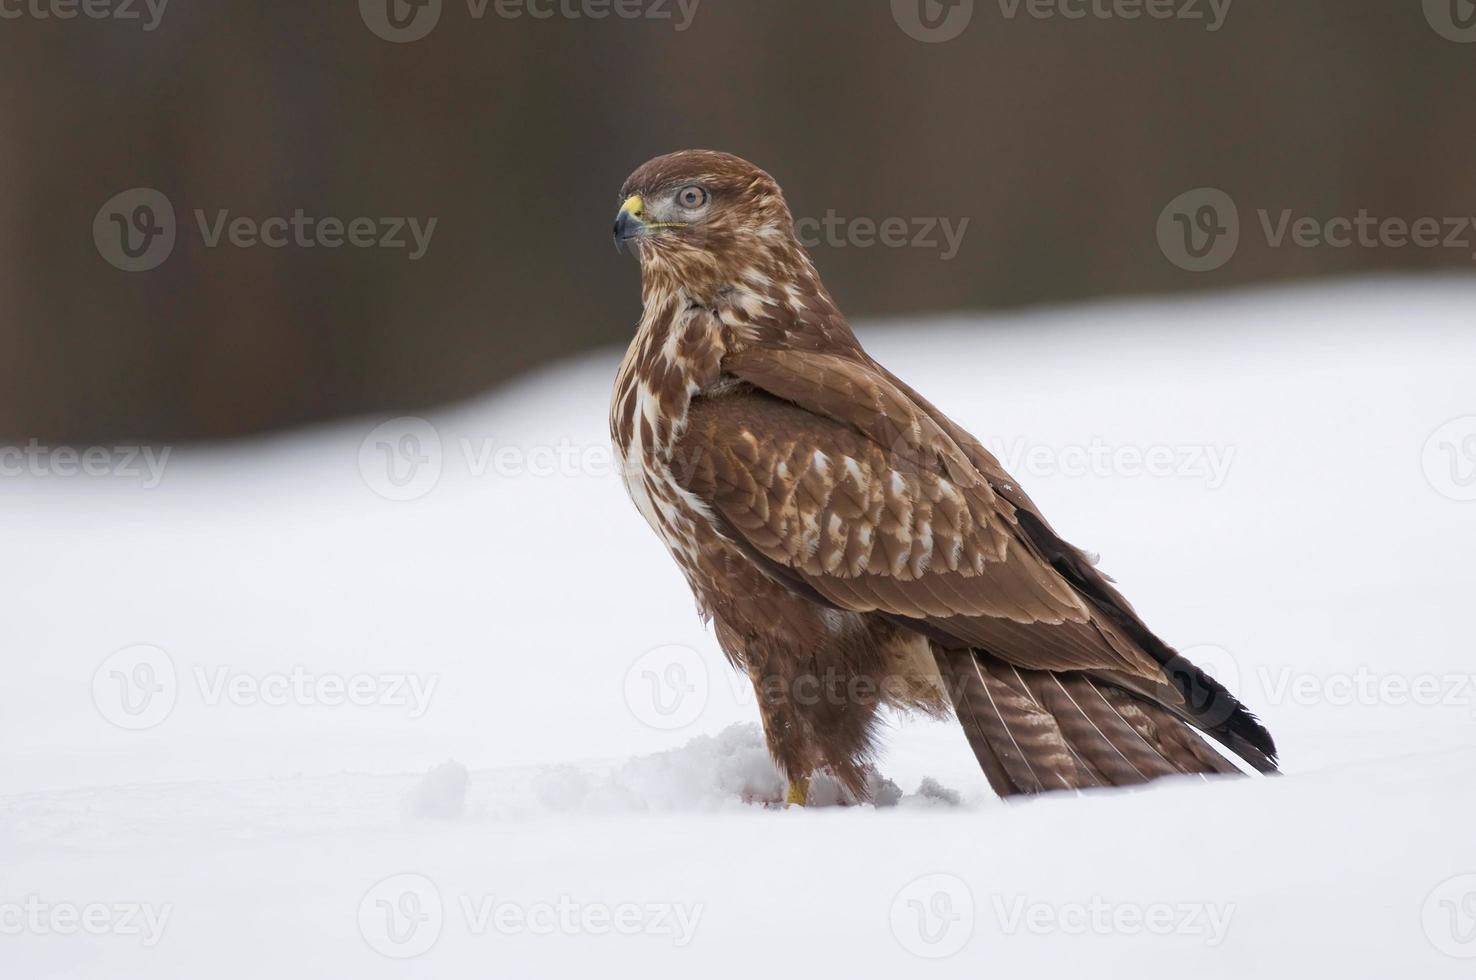 Common buzzard in winter photo